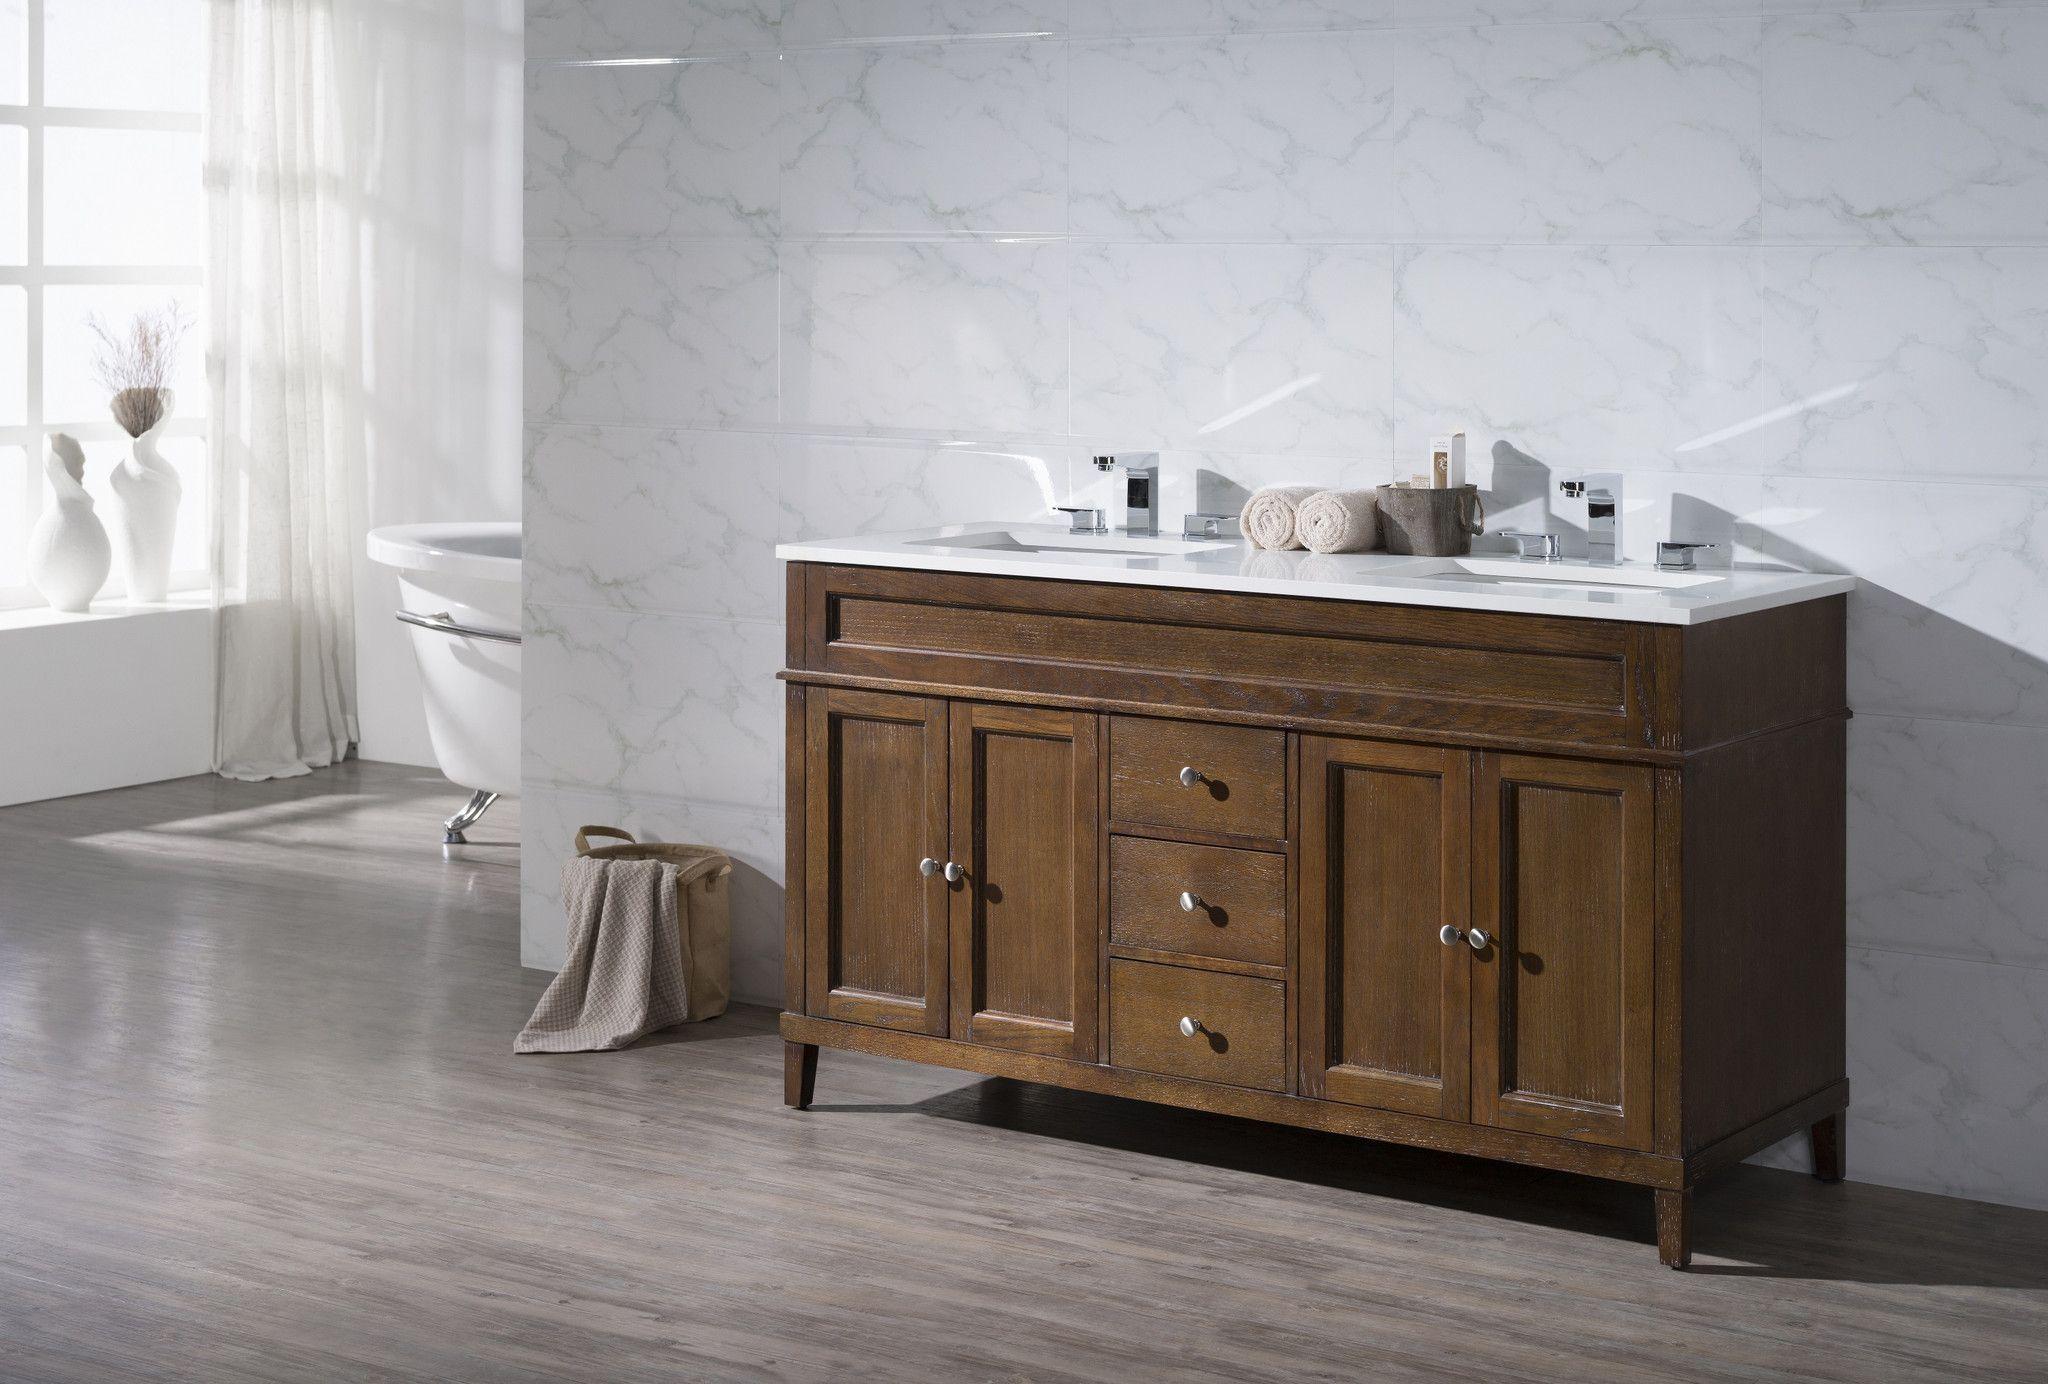 Hamilton 59 Inch Double Sink Bathroom Vanity Inexpensive